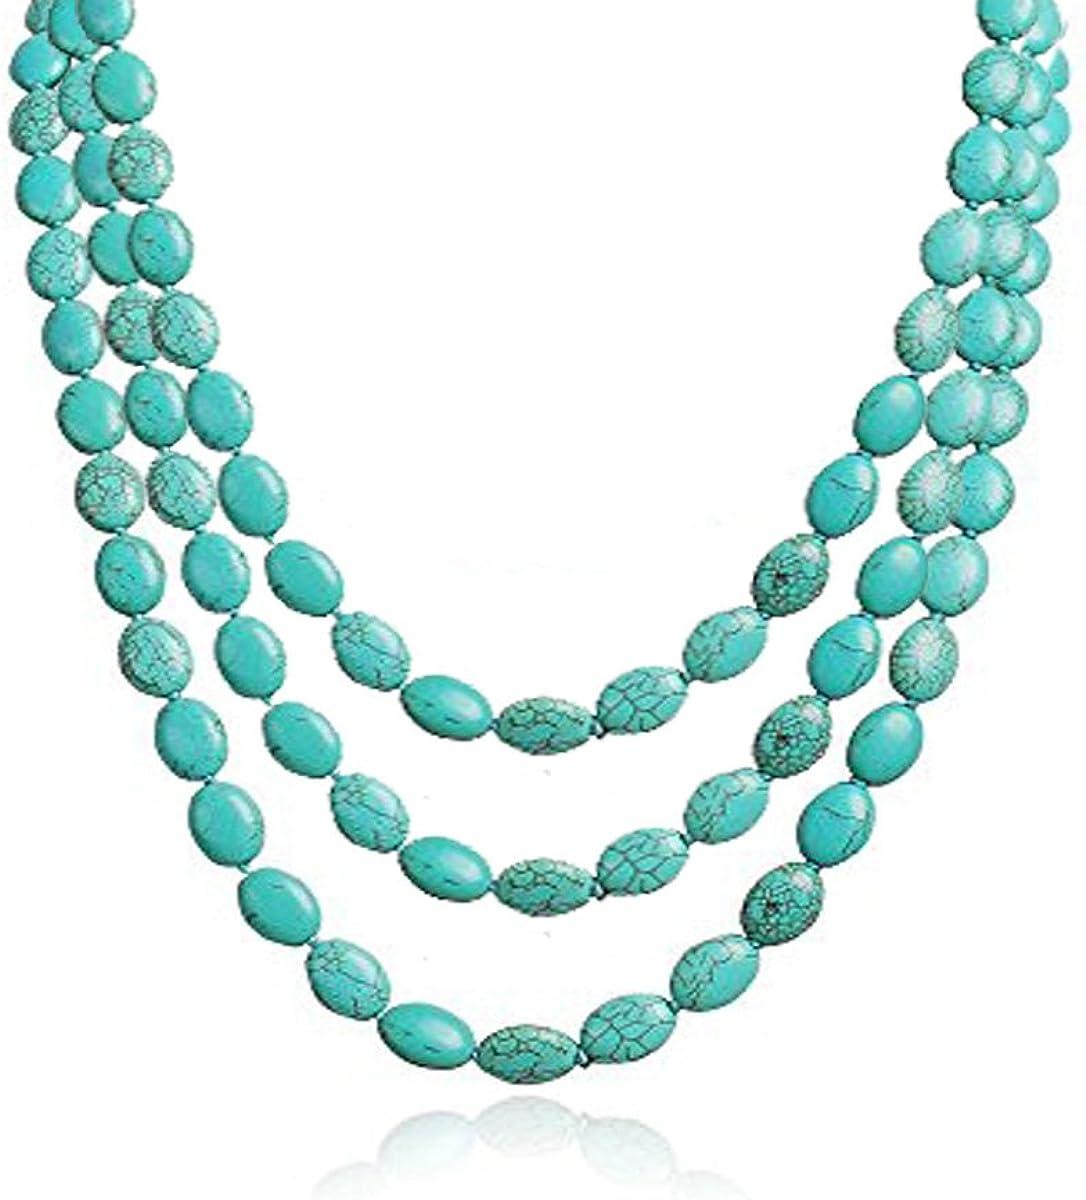 TreasureBay - Collar de tres hebras de piedras preciosas turquesa para mujer